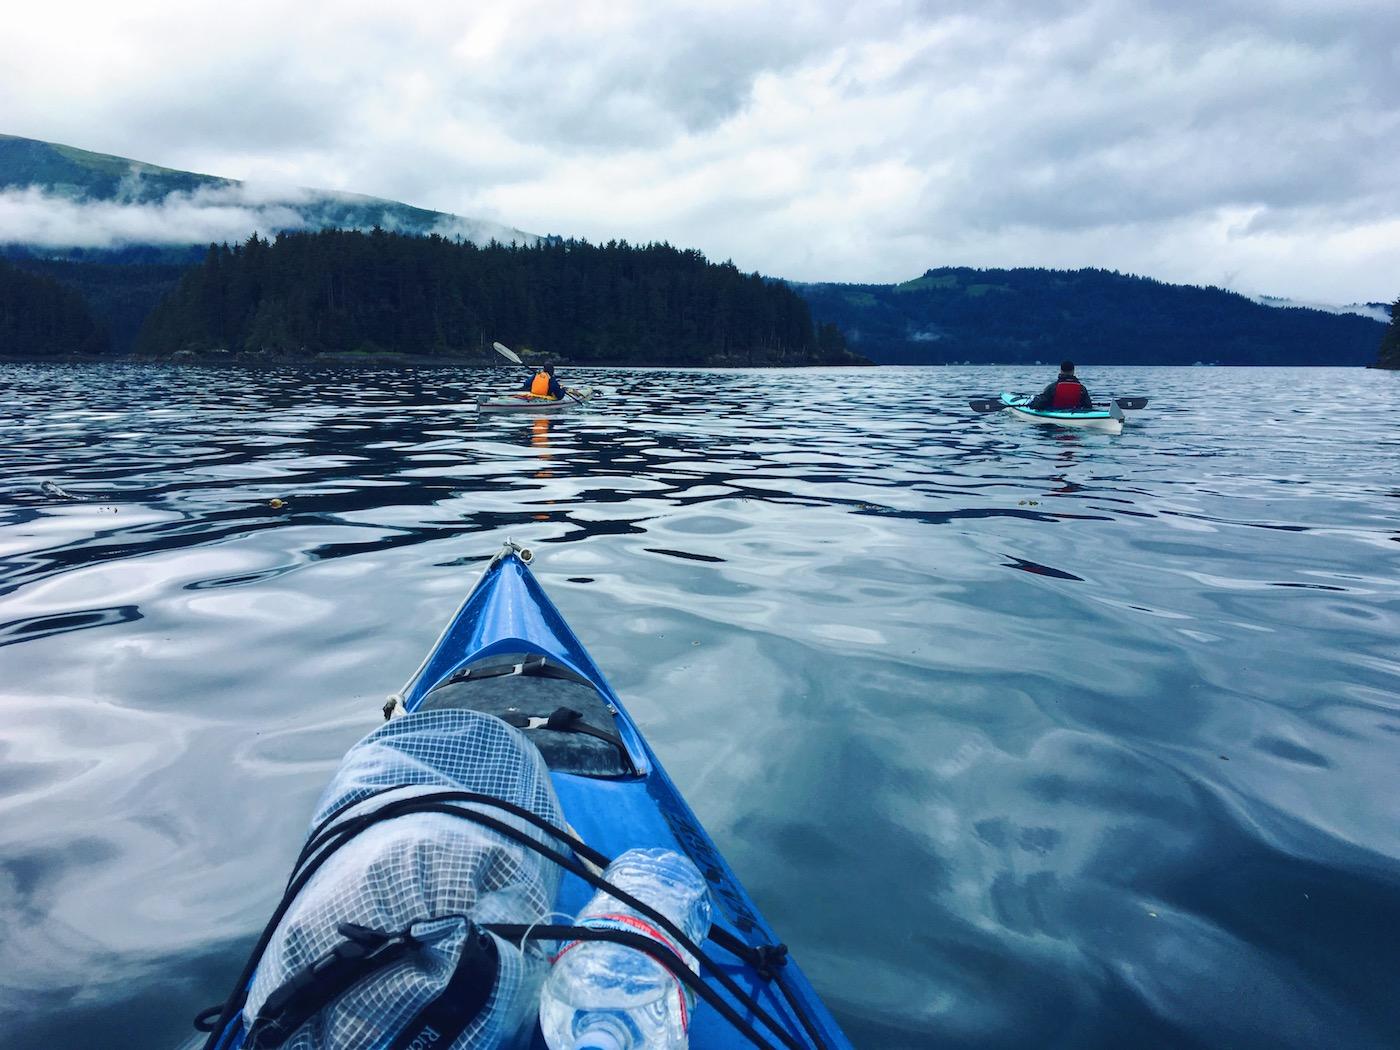 Fare kayak in Alaska tra i ghiacci - Itinerario di 10 giorni in Alaska - penisola del Kenai